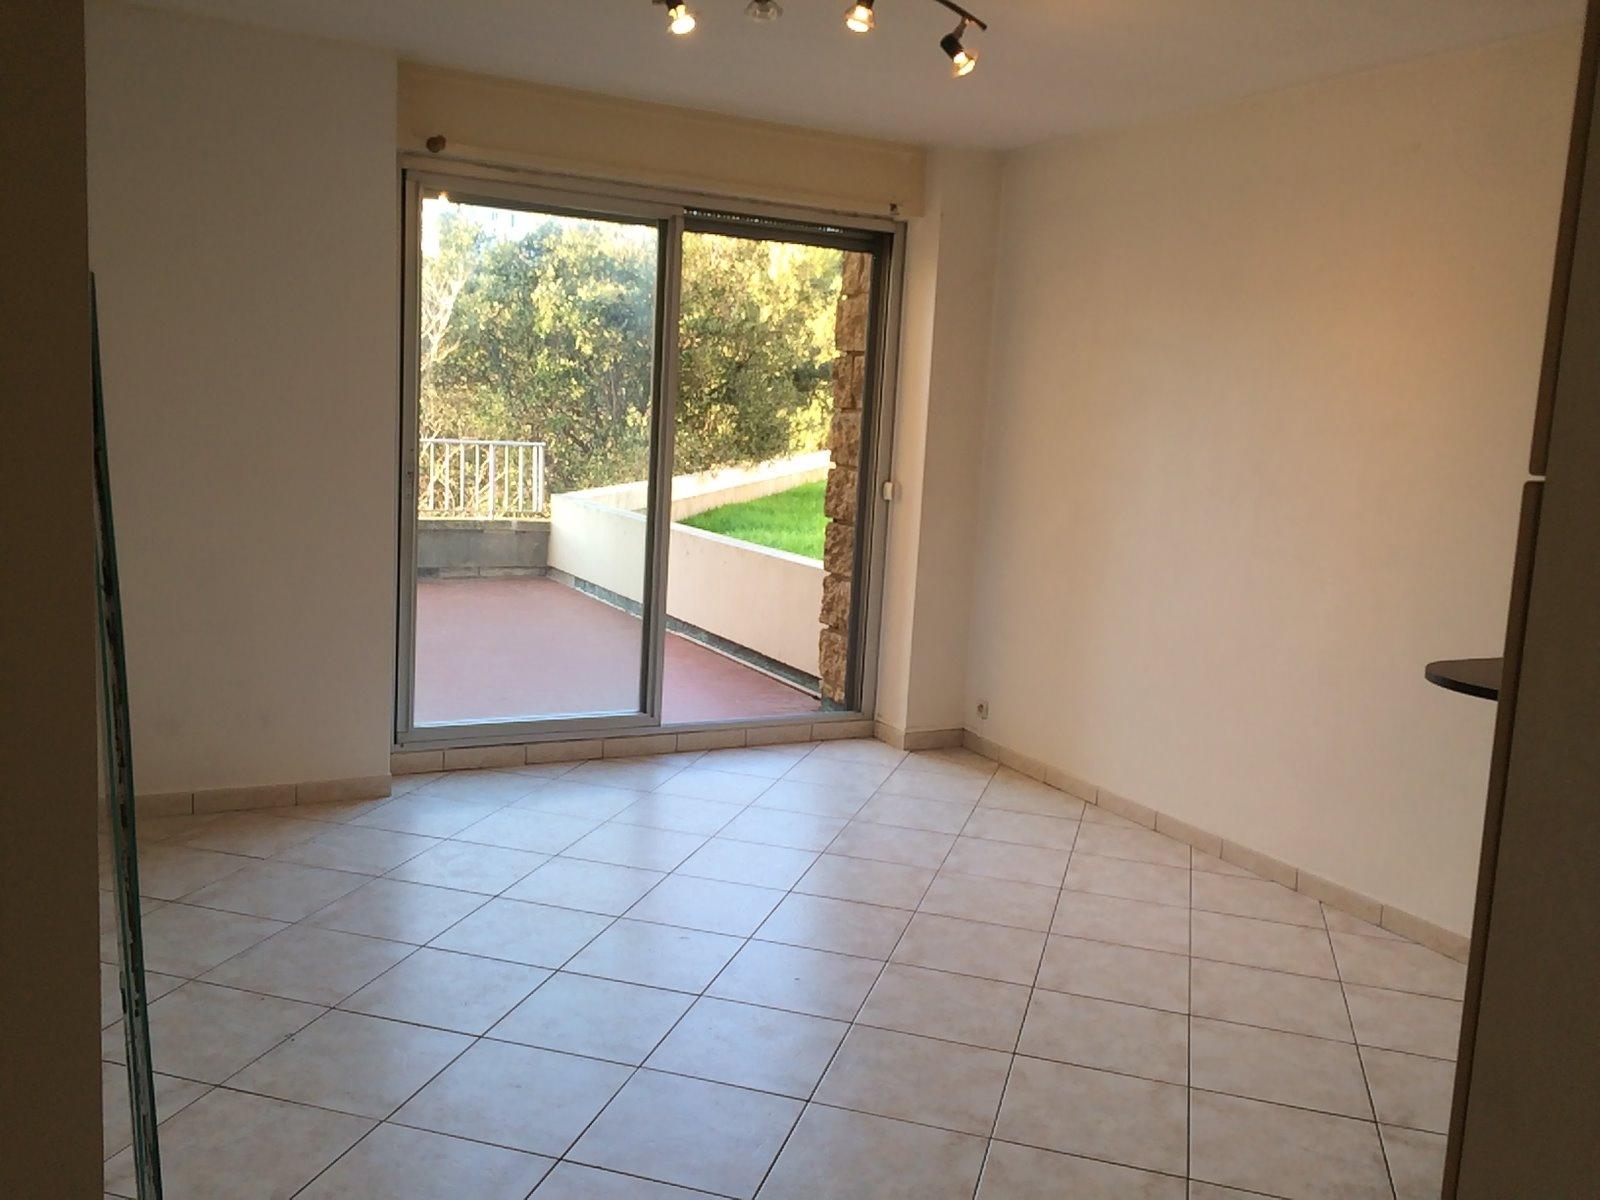 Location grand studio de 29m2 avec terrasse 14m2 dans for Residence avec piscine marseille